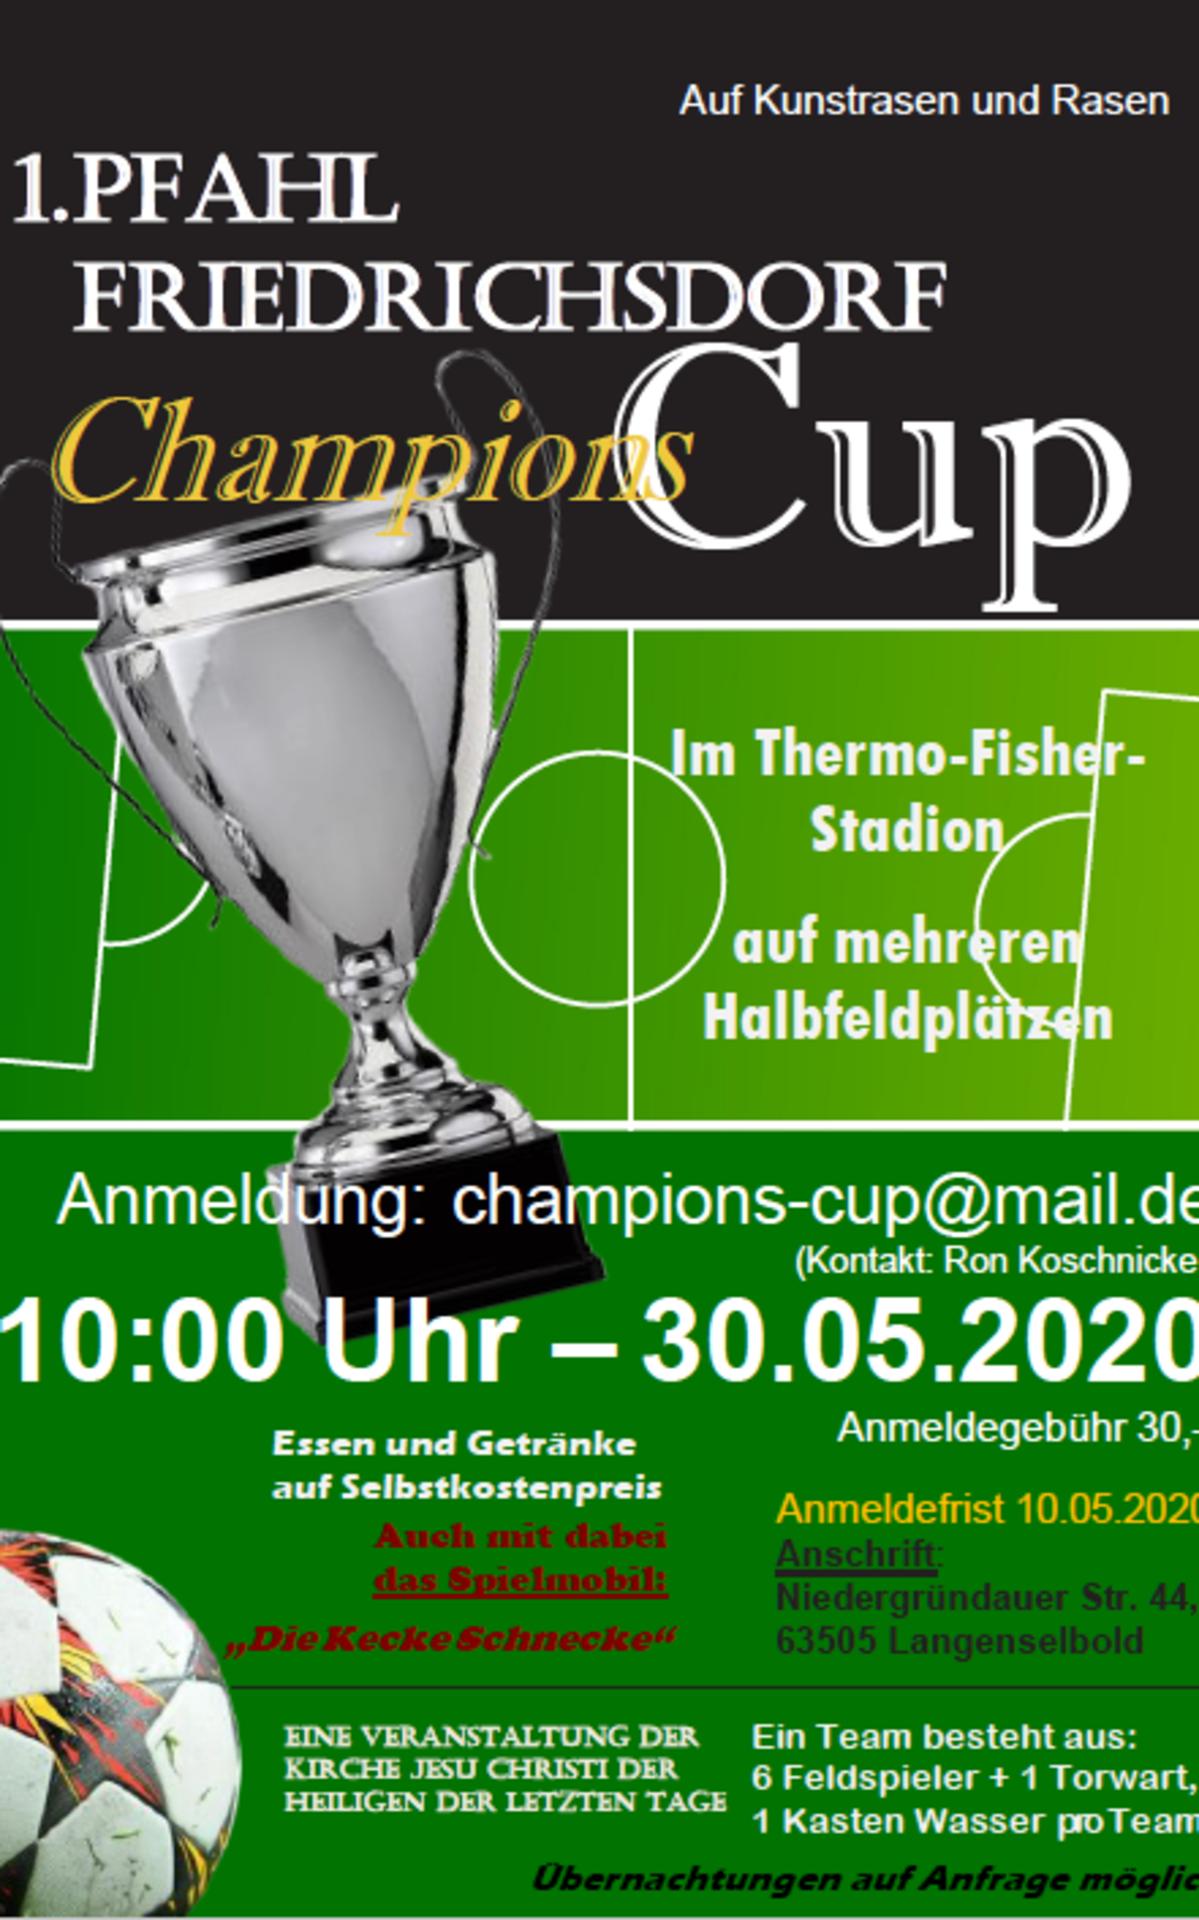 Einladung zum Friedrichsdorf Cup